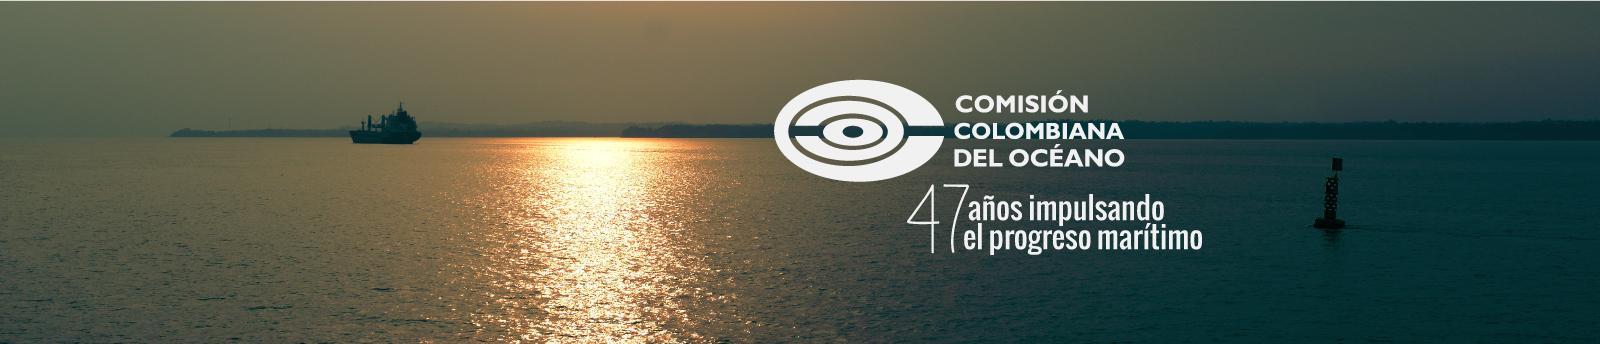 Comisión Colombiana del Océano 2016